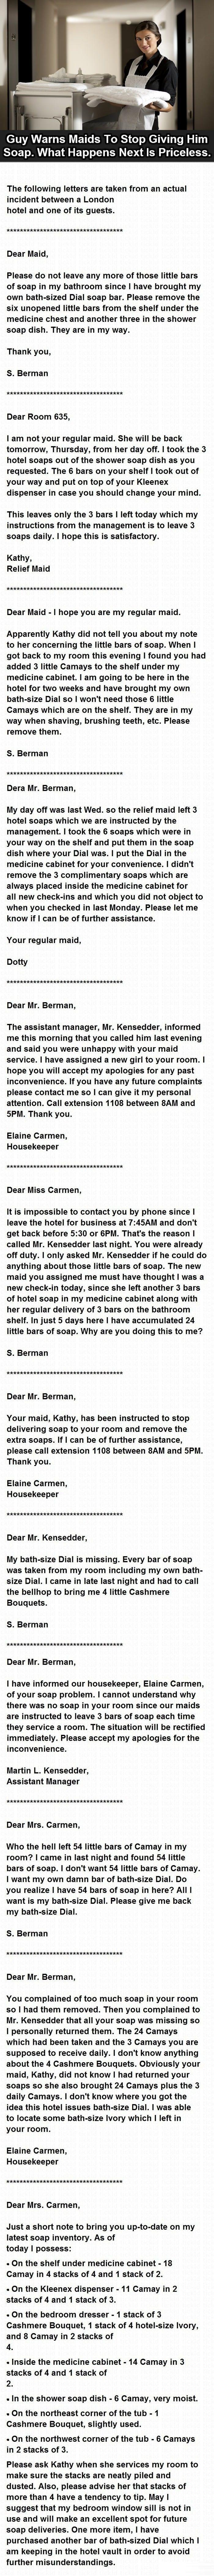 Best hotel exchange ever